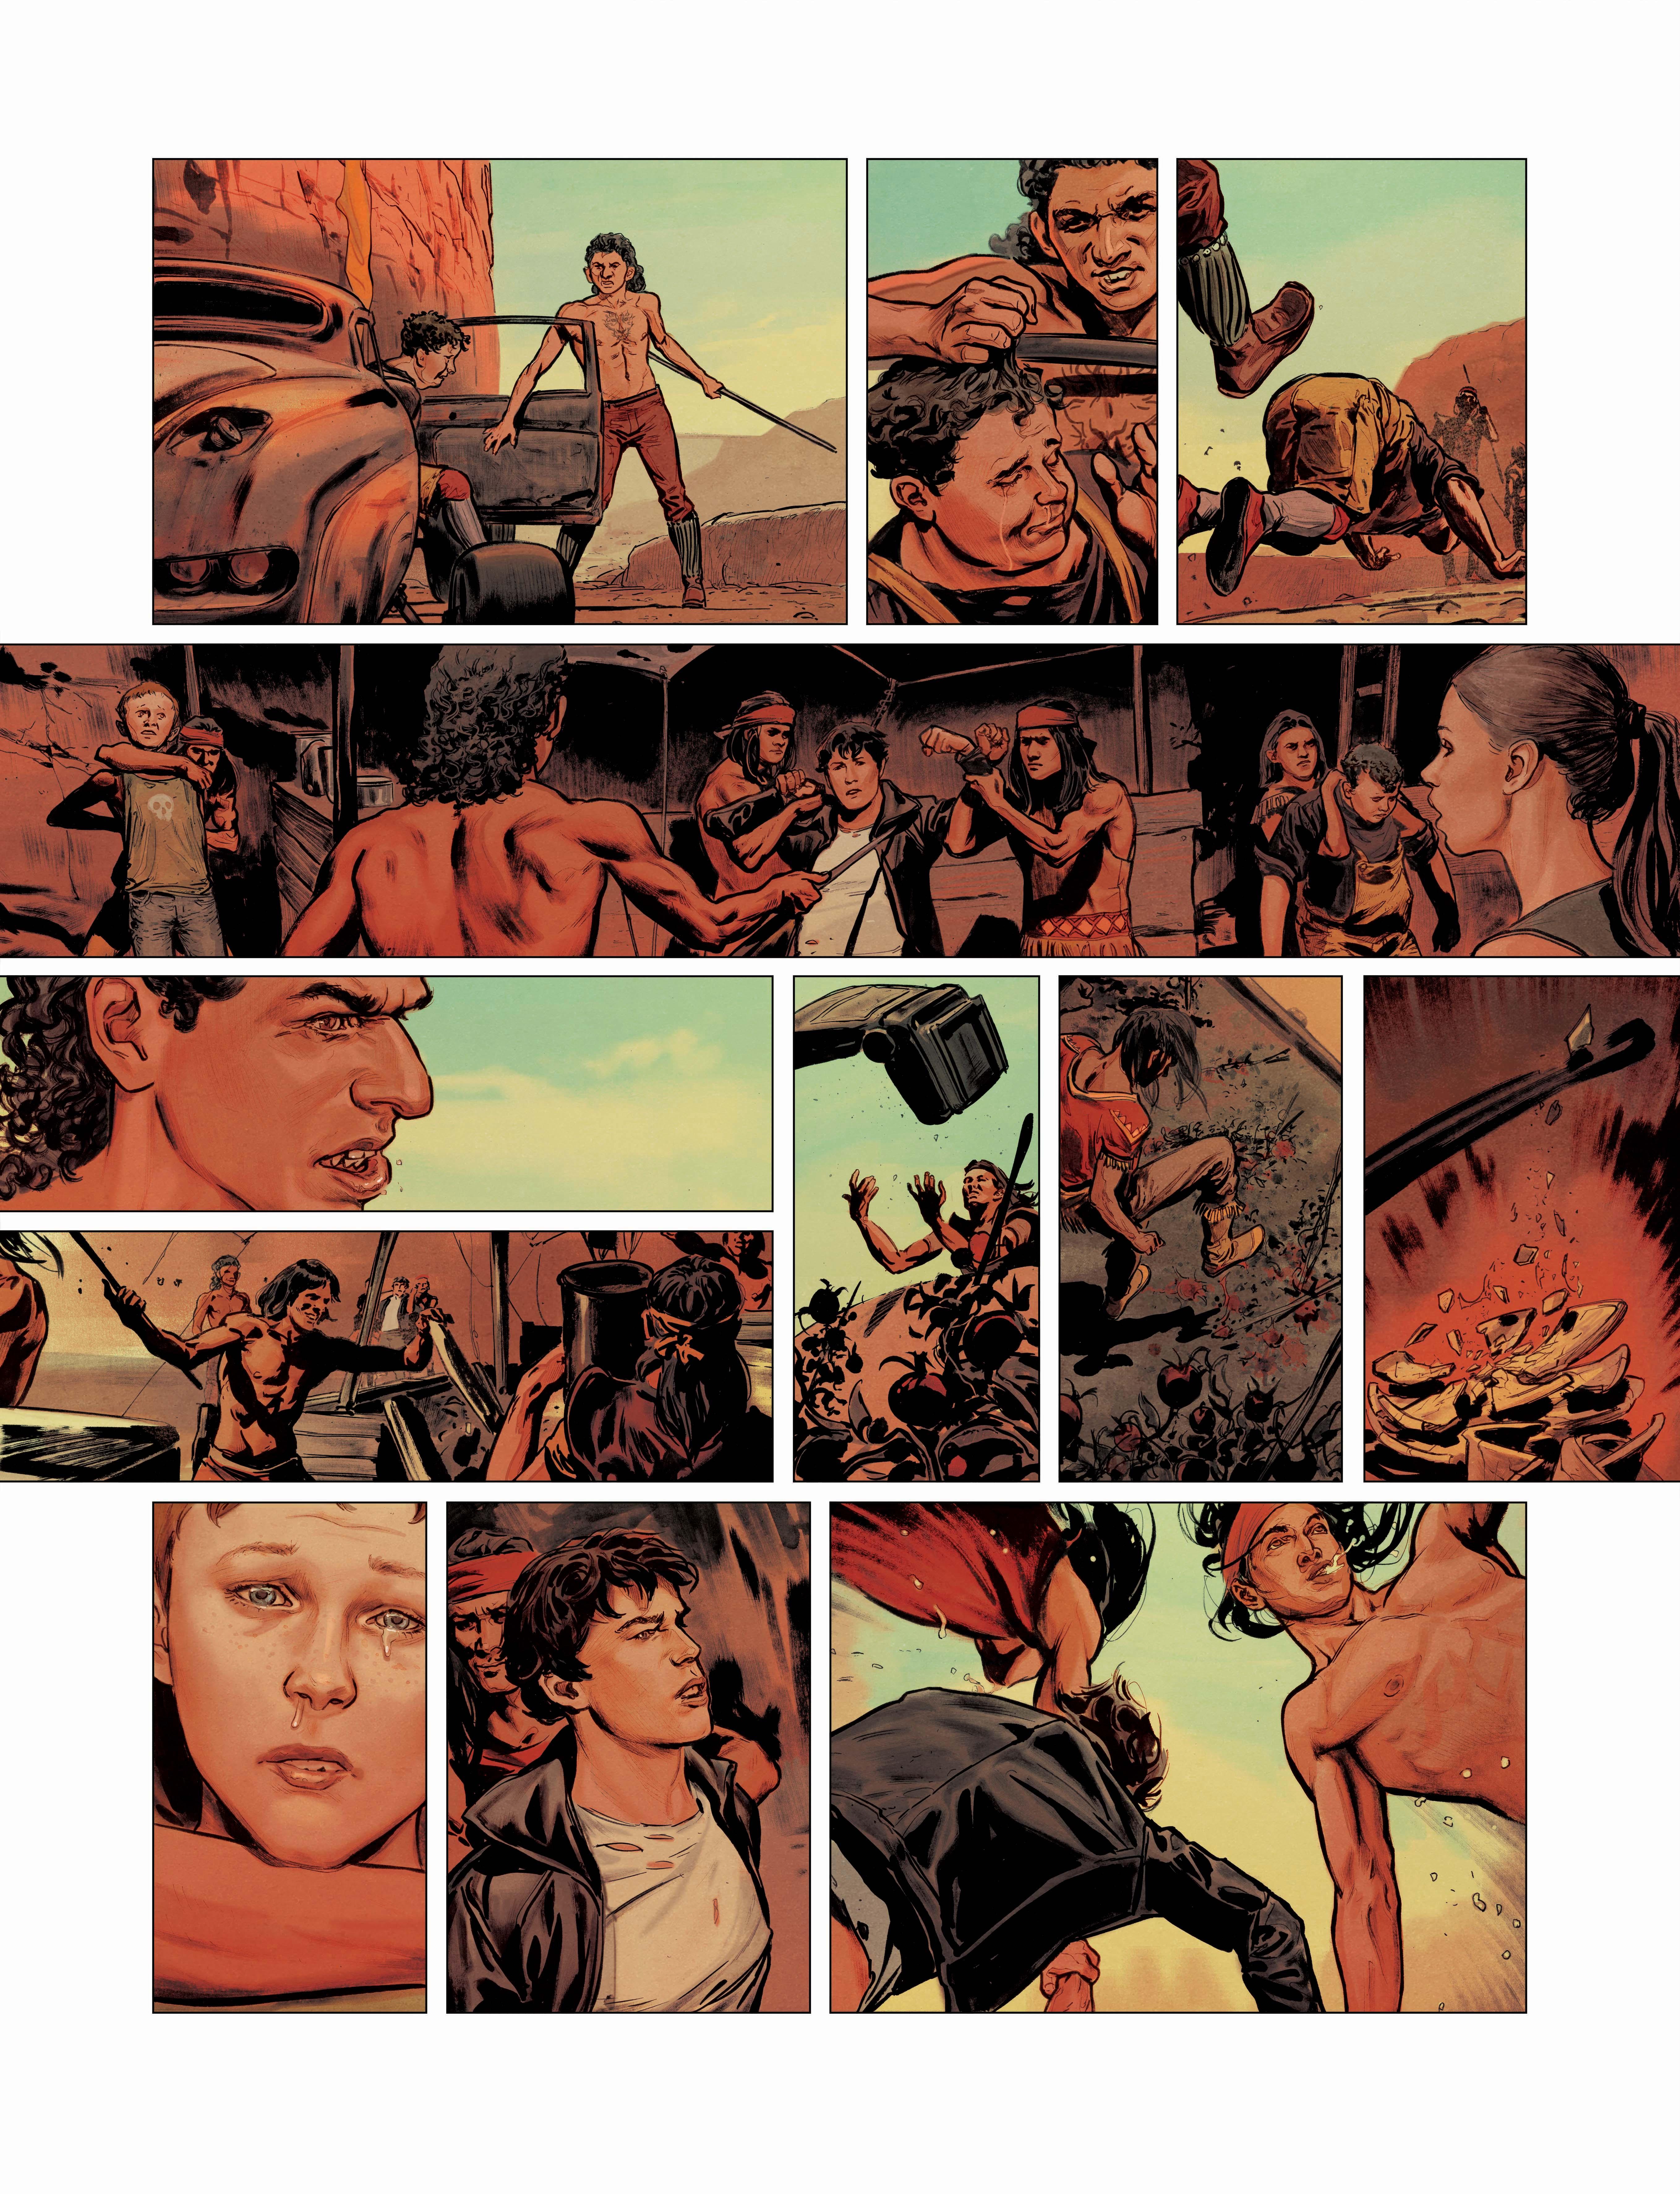 Elecboy, colorisation de la page 36 © Dargaud / Salaün